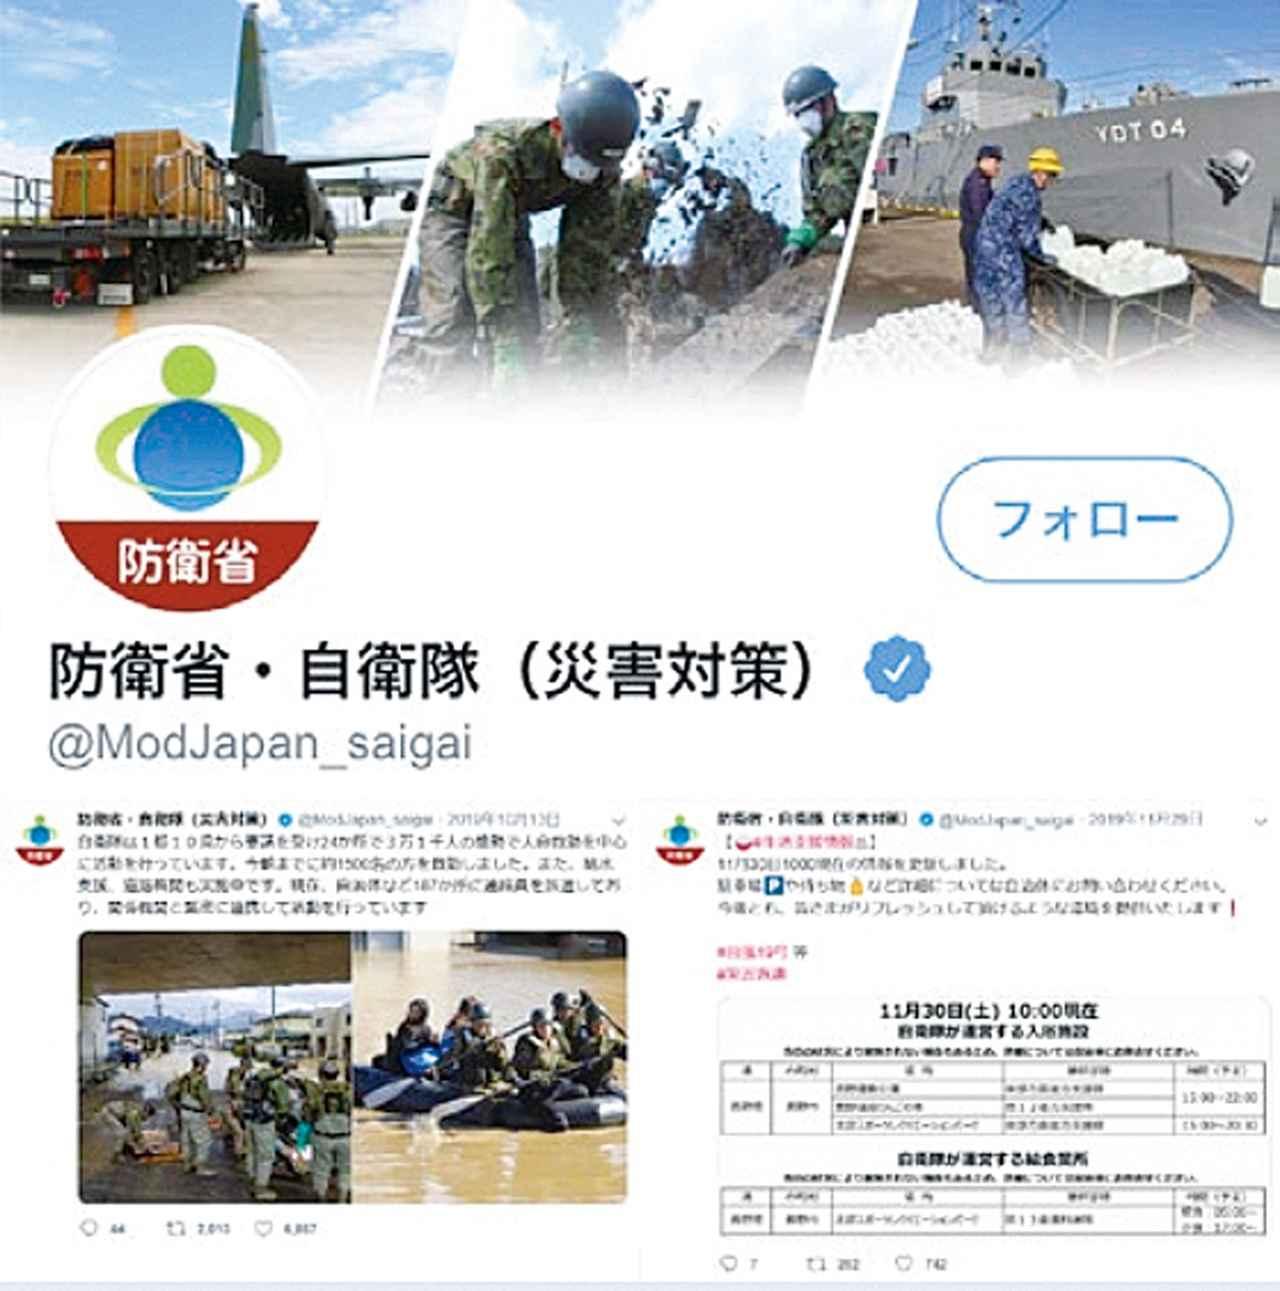 画像: 防衛省災害対策のツイッターでは、被災者がすぐに役立つ情報を次々と発信している